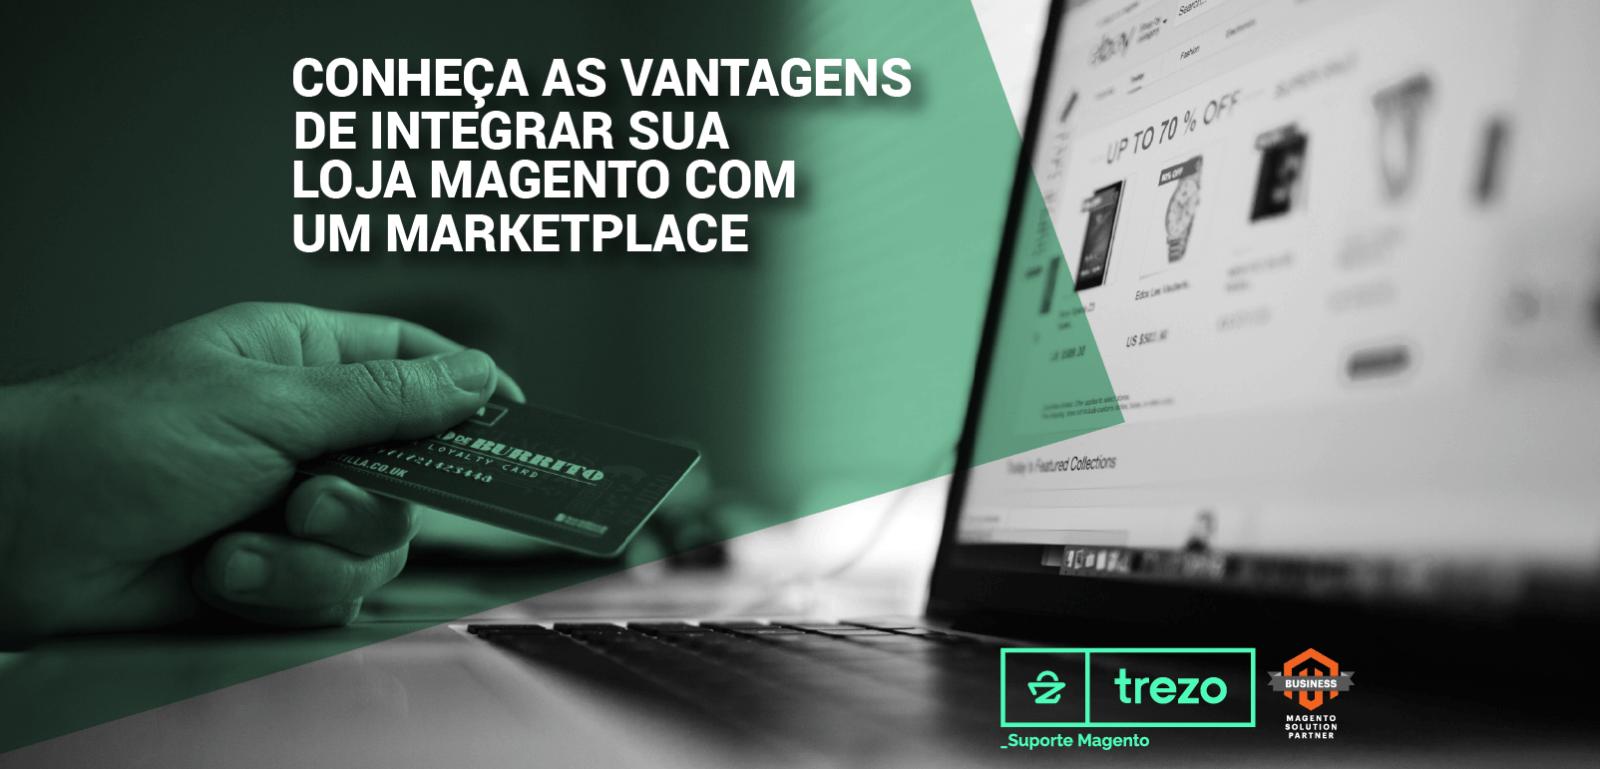 Conheça as vantagens de integrar sua loja Magento com um Marketplace